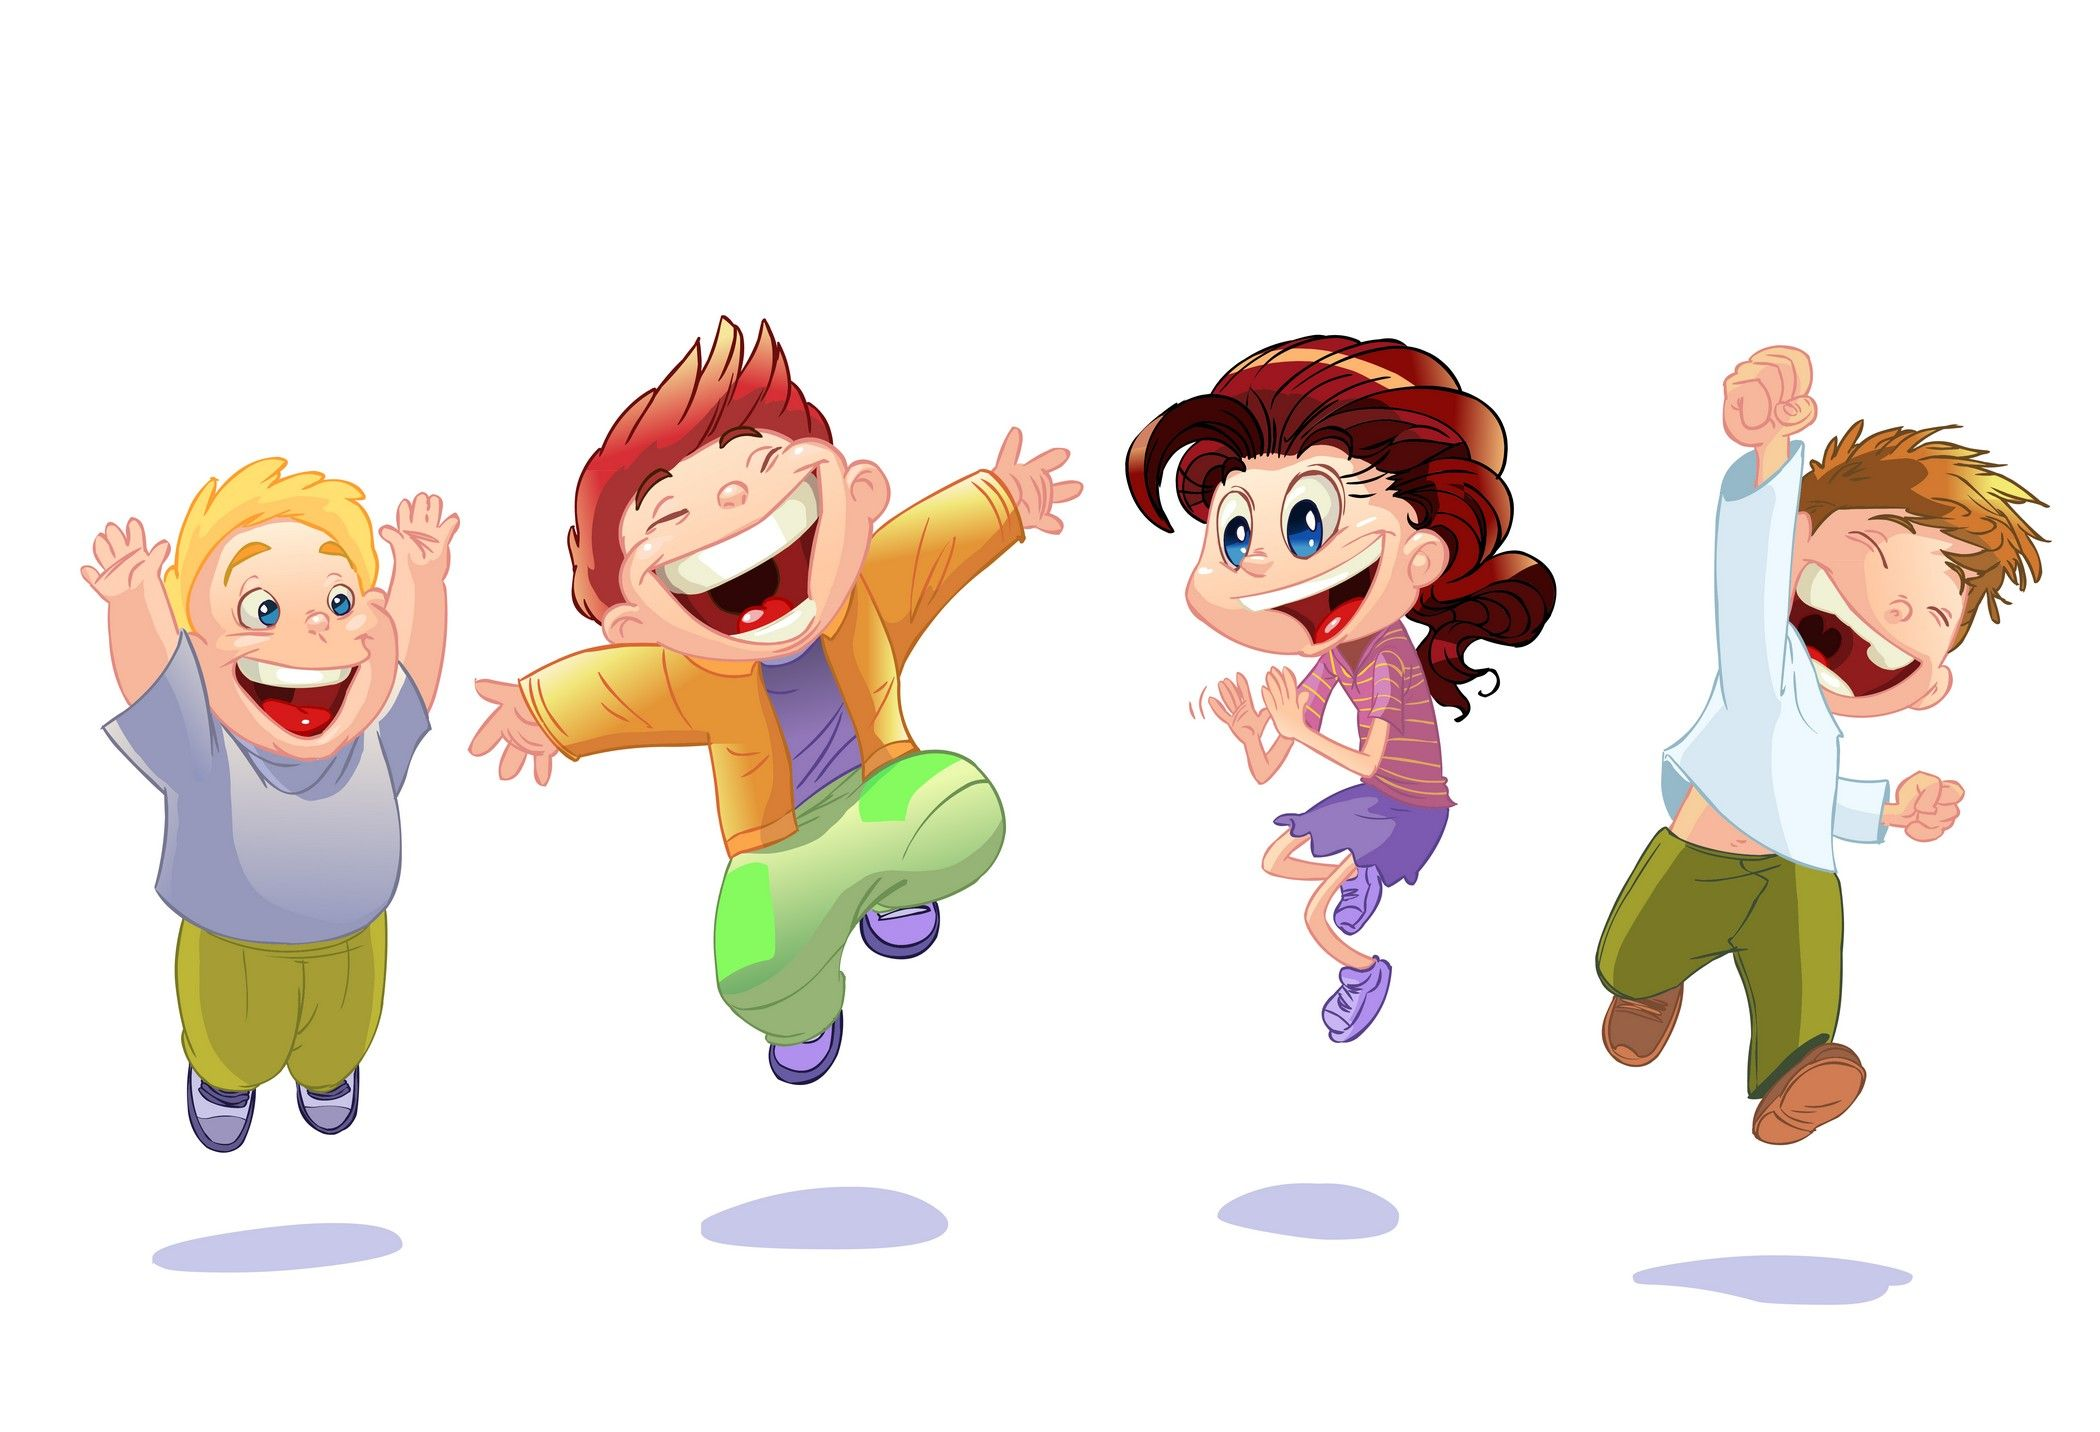 cartoon children kids people 08 - Kids Cartoon Images